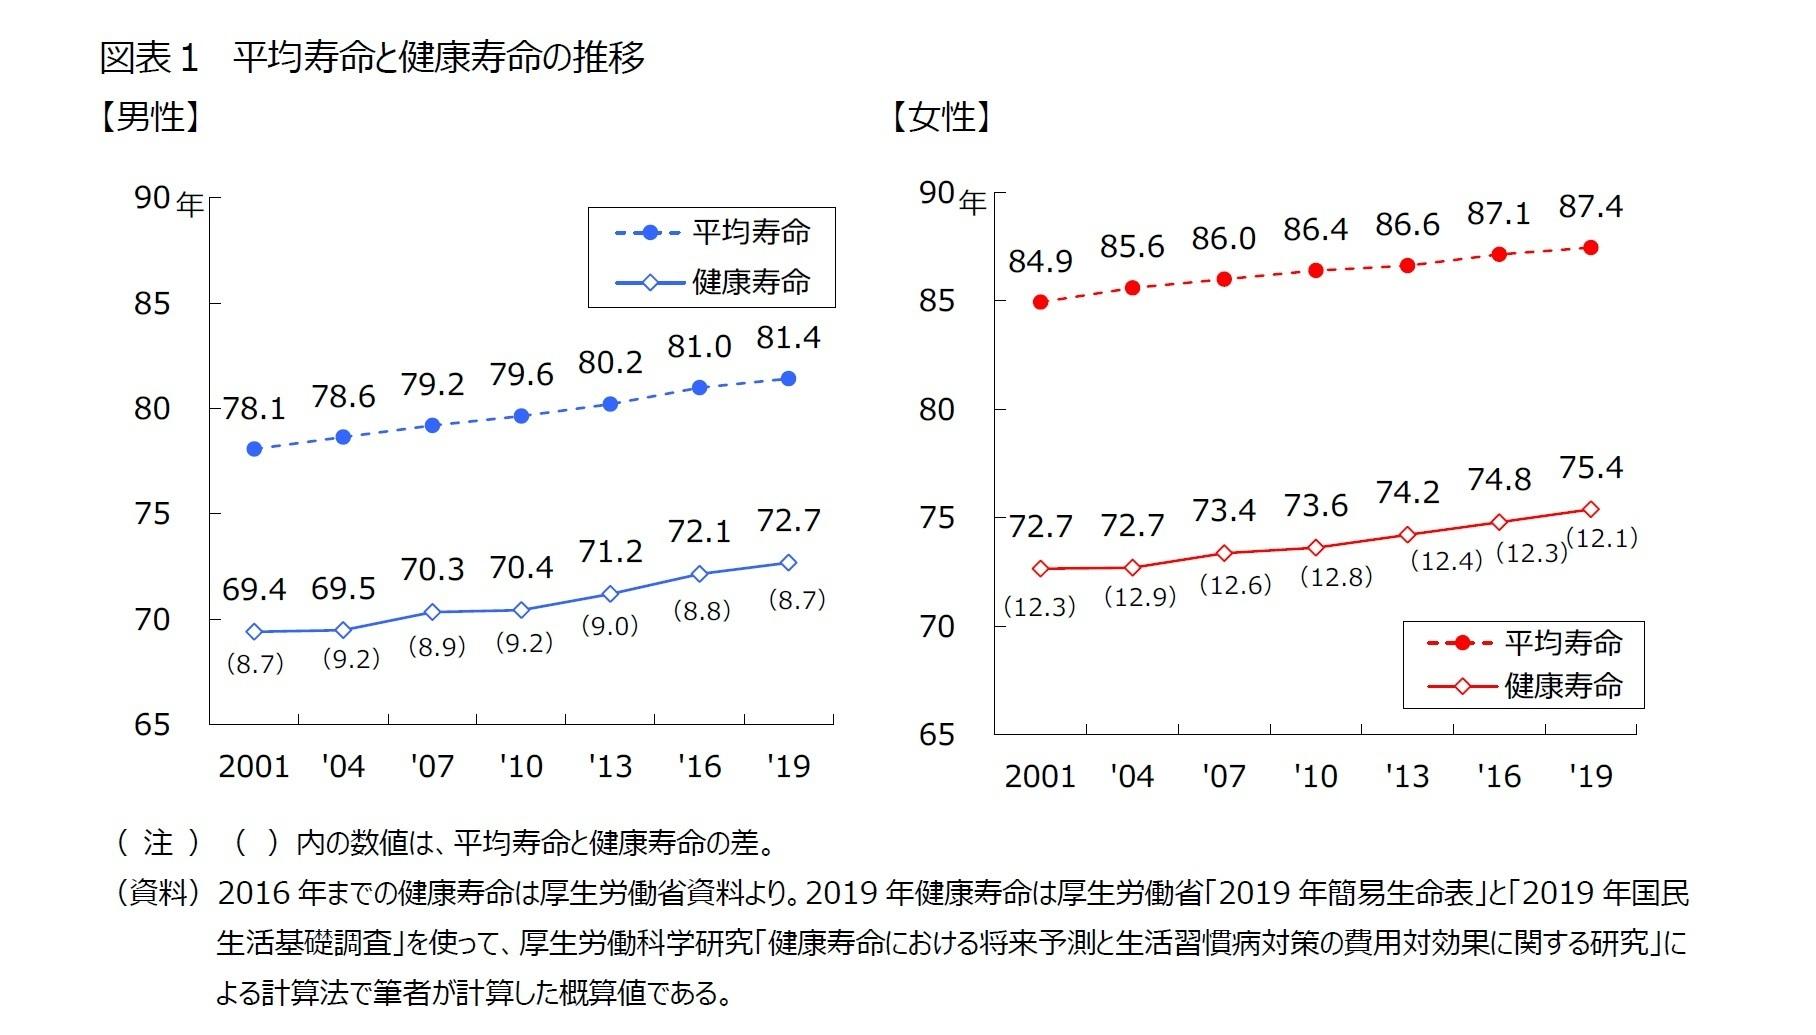 図表1 平均寿命と健康寿命の推移